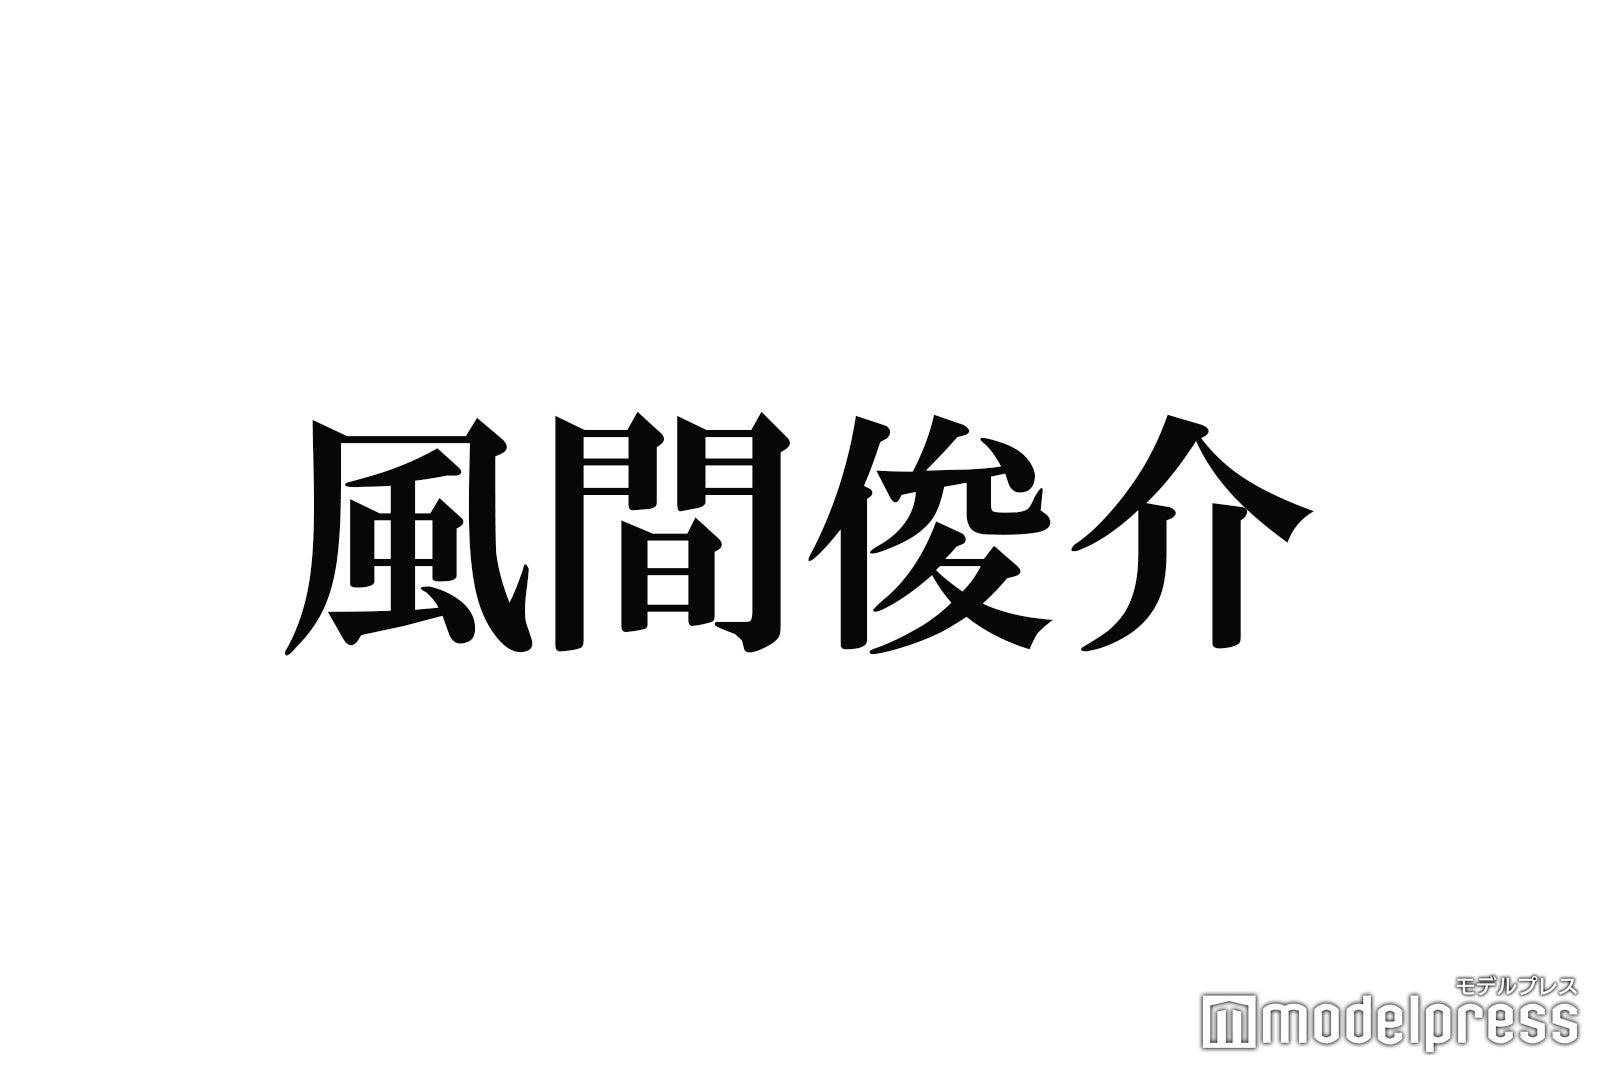 馬 風間 春 ドラマ 三浦 俊介